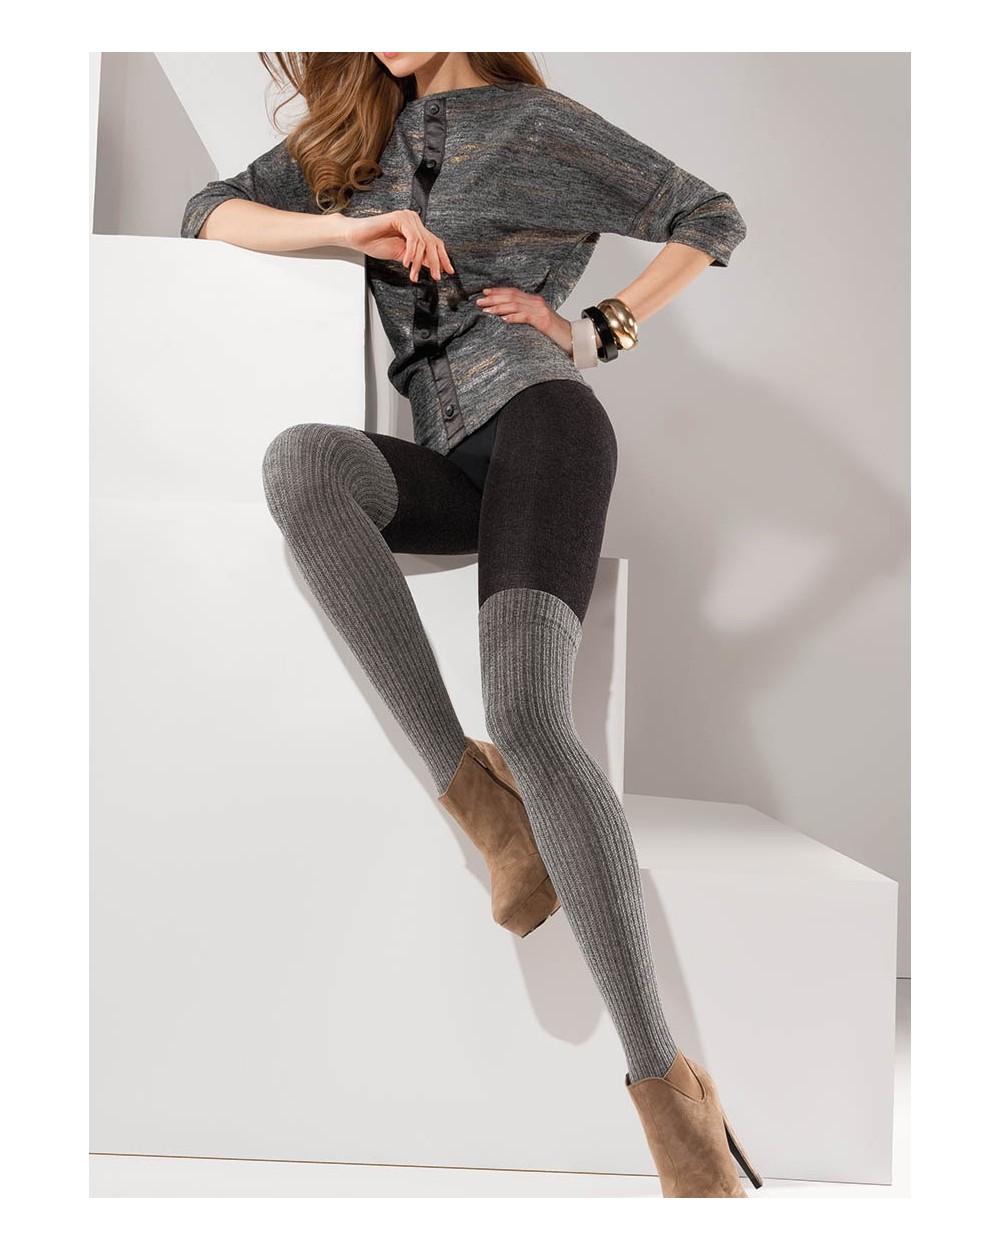 Collant Fantaisie ROXY, Chaussette Coton